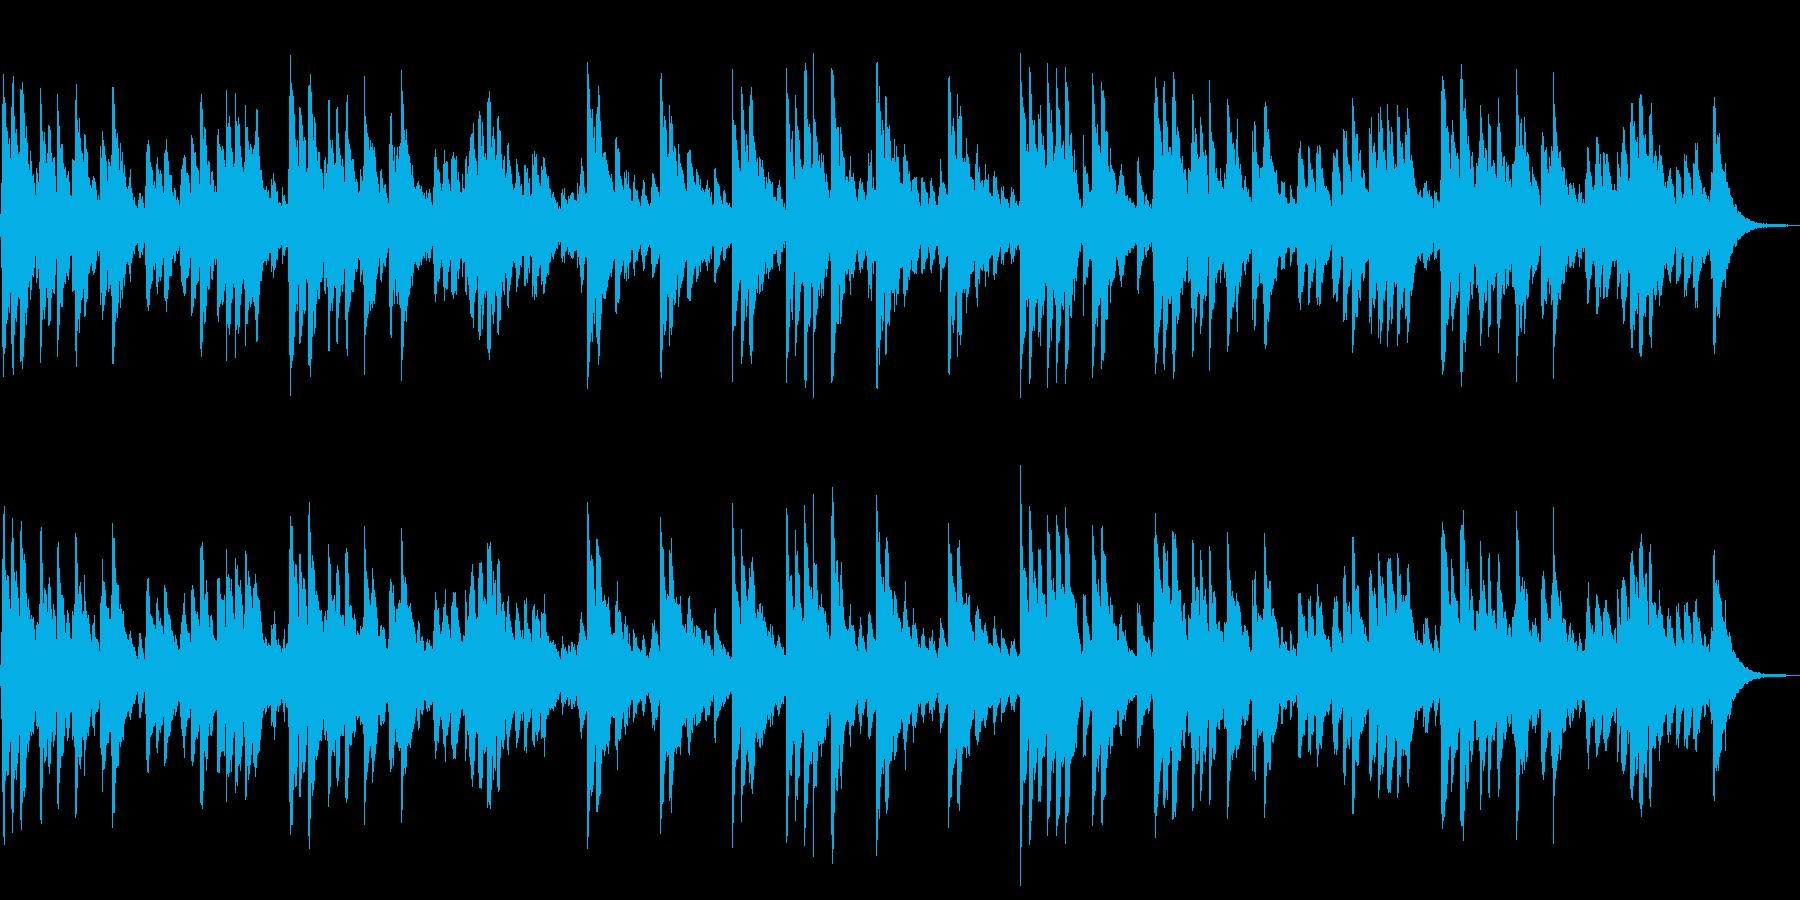 ジングルベル オルゴールと鈴の再生済みの波形